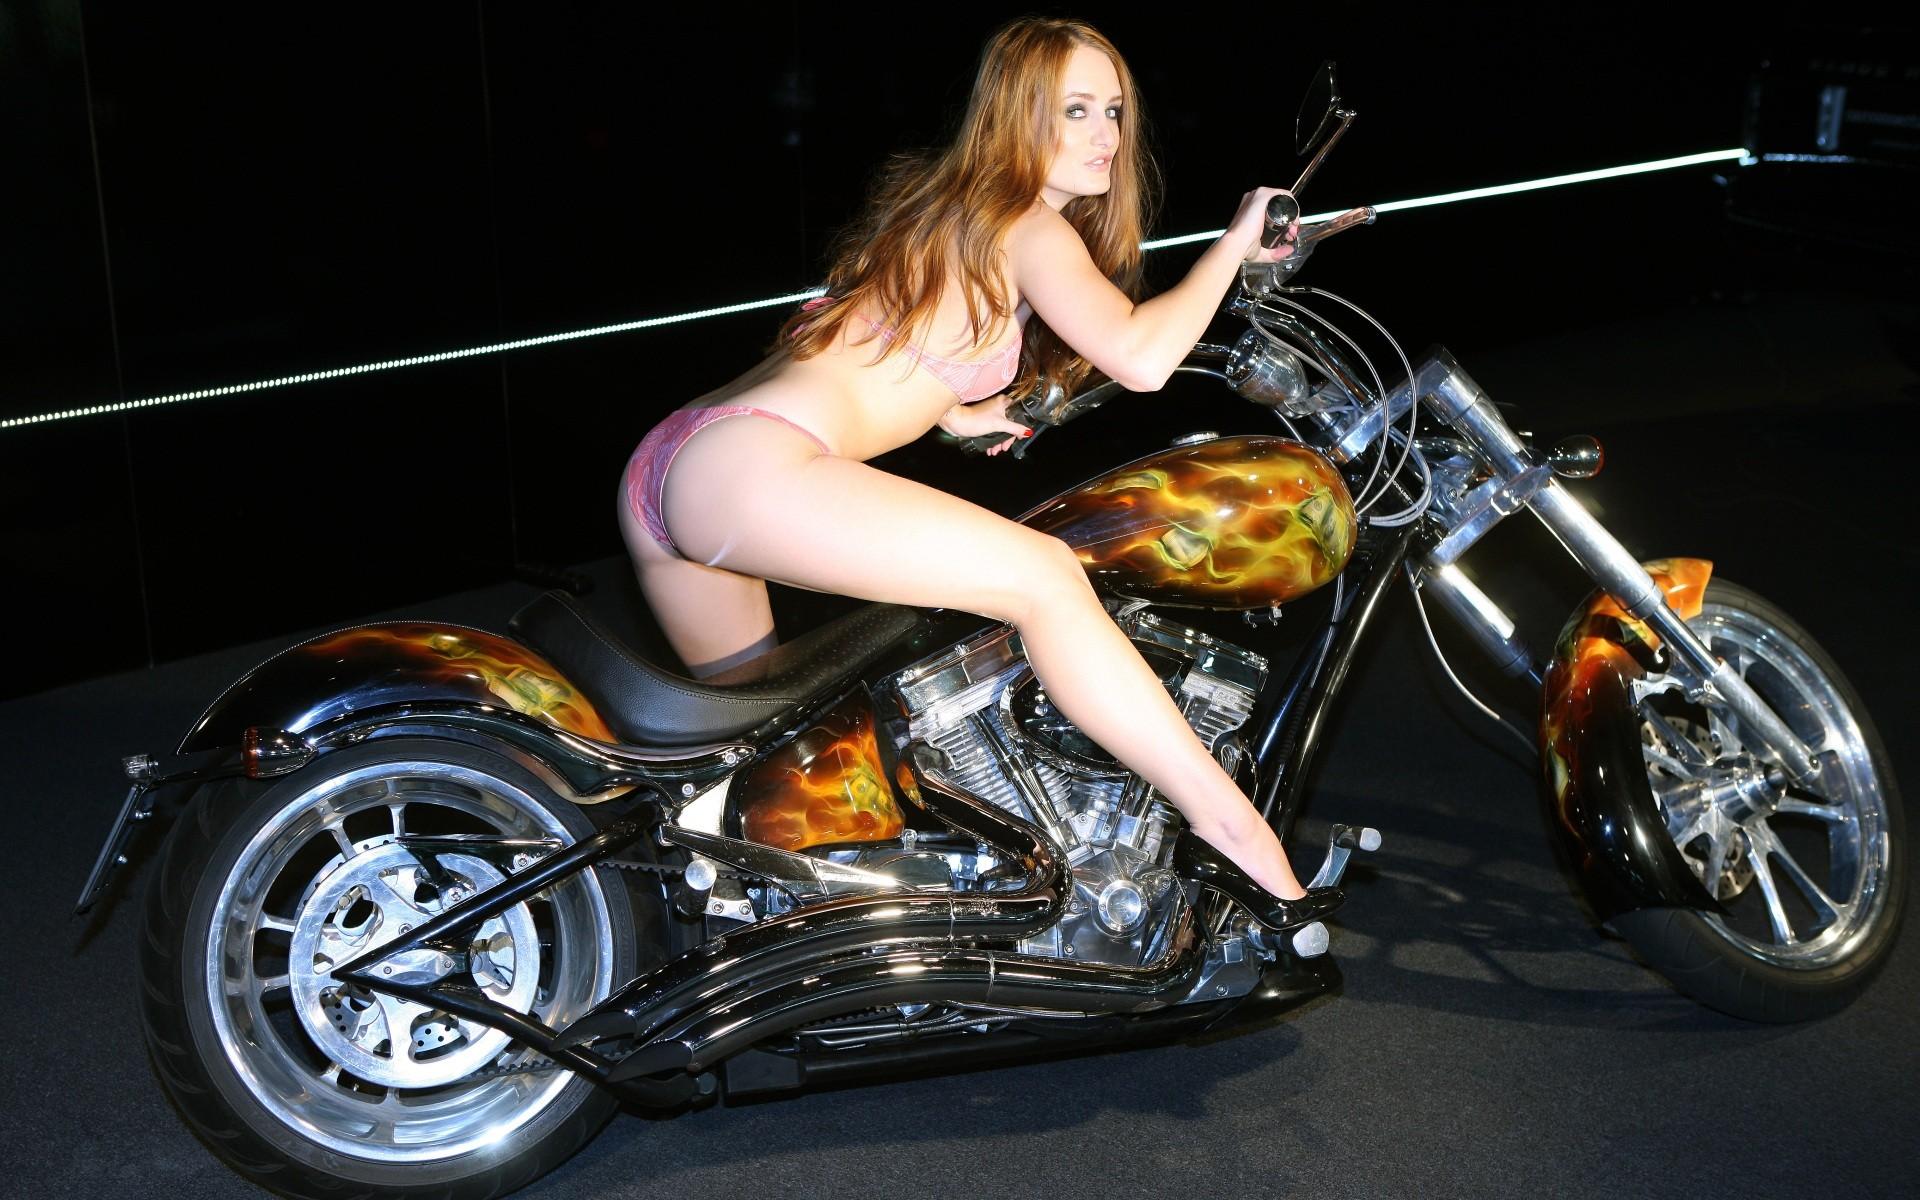 全裸 半裸 下着 バイク モーターサイクル エロ画像【12】